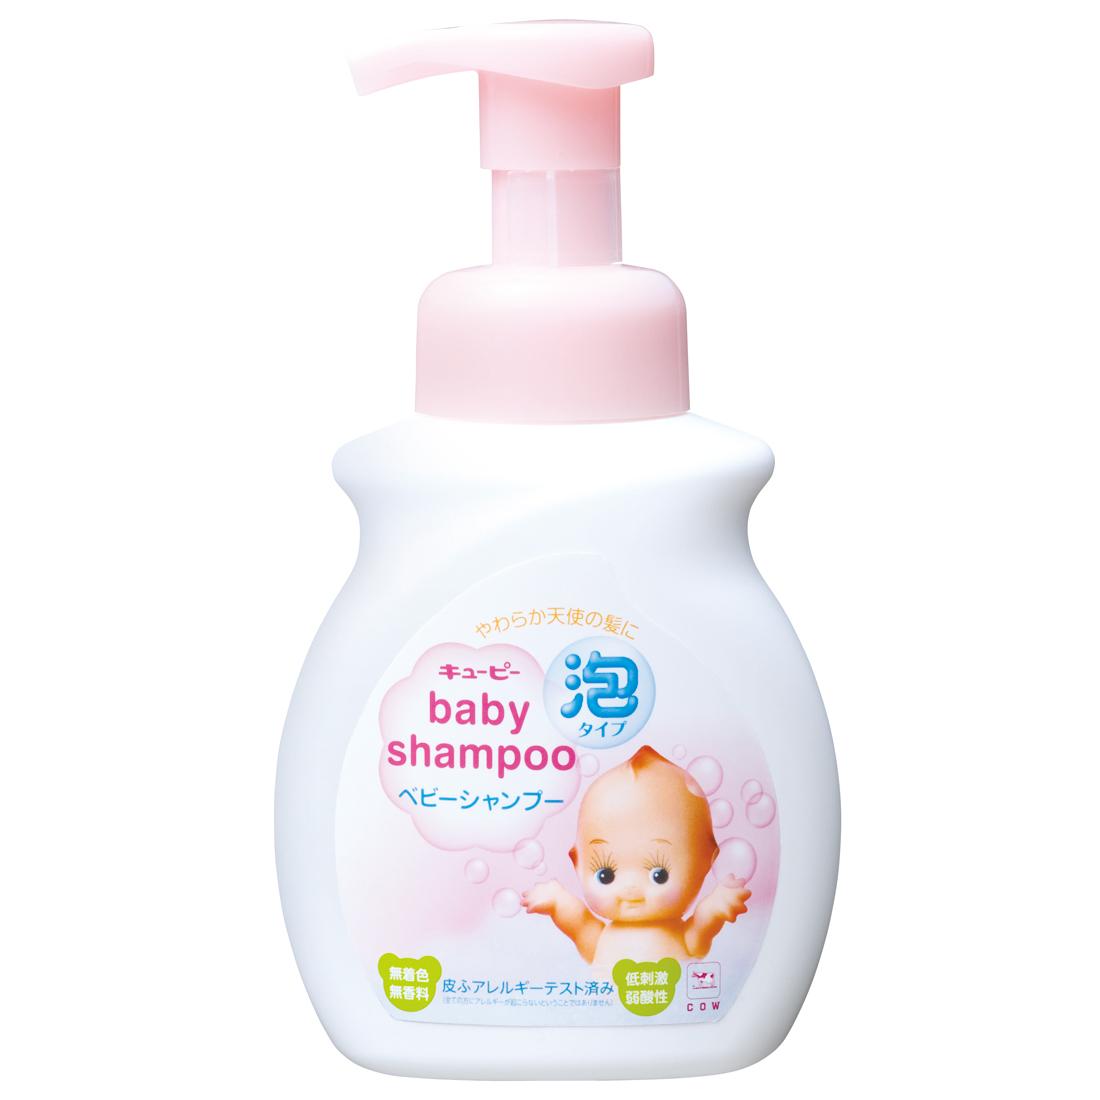 Cow Style Детский шампунь-пенка, с дозатором, от 0 месяцев, 350 млO-53-062Детский шампунь-пенка Cow Style с дозатором мягко очищает волосы и кожу головы ребенка. Рекомендуется для тонких, только начинающих расти волос малыша. Удобный дозатор создает мягкую пенку, освобождая от необходимости вспенивать средство на голове ребенка, что снижает нагрузку на волосы и кожу головы от трения, а также упрощает процесс мытья и экономит время родителей. Умная формула без слез работает так, что пена не затекает в глаза ребенку, но даже при попадании не раздражает слизистую. Упругая мелкозернистая пена мягко удаляет загрязнения, не вымывая естественный защитный жировой слой кожи. Легко смывается. Природный сквалан, смягчающий и защищающий кожу, поддерживает гидробаланс. Также, шампунь содержит кондиционирующие растительные компоненты, предотвращающие спутывание волос. При использовании других сменных блоков продукт может не пениться. Низкая кислотность, отсутствие красителей, а также многочисленные тесты на предмет кожных аллергенов позволили...